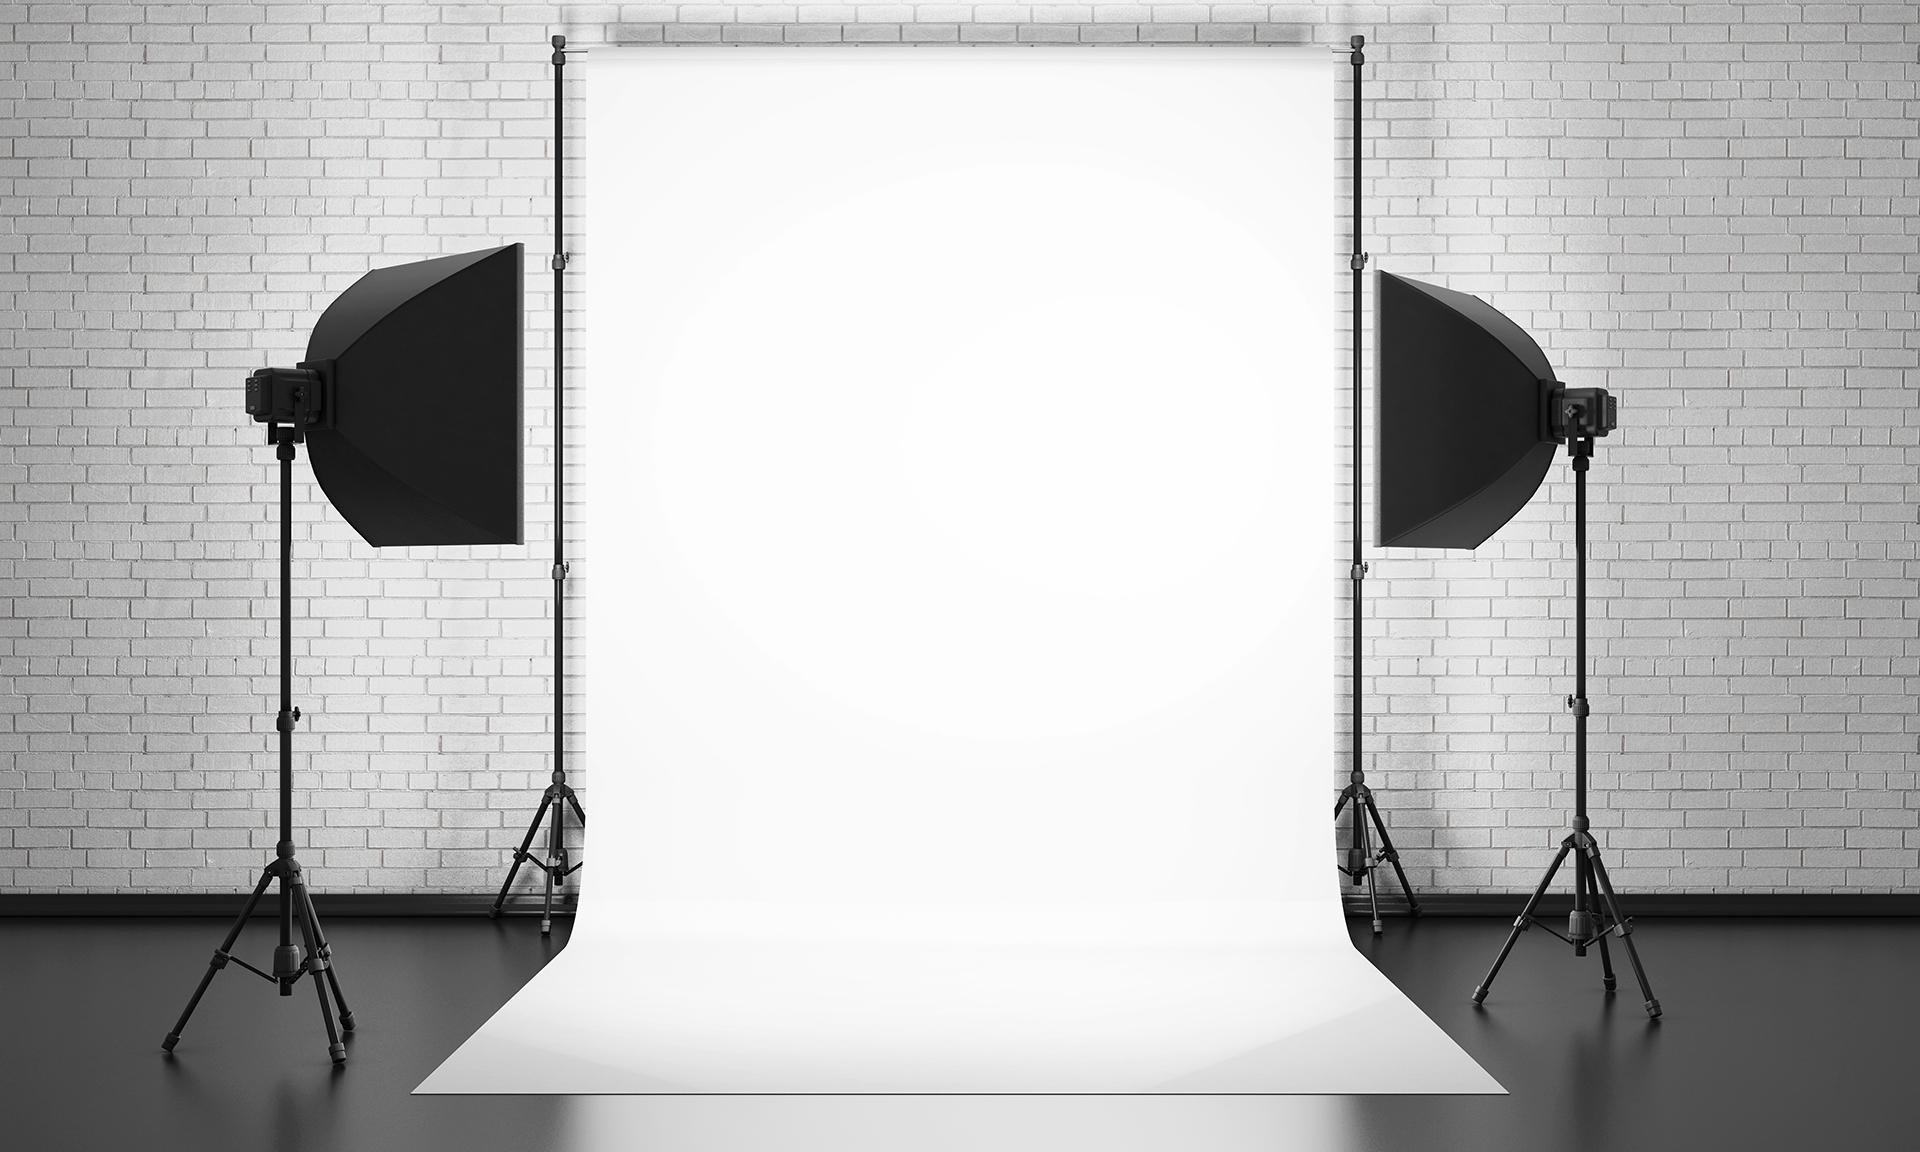 Endüstriyel Fotoğrafçılık